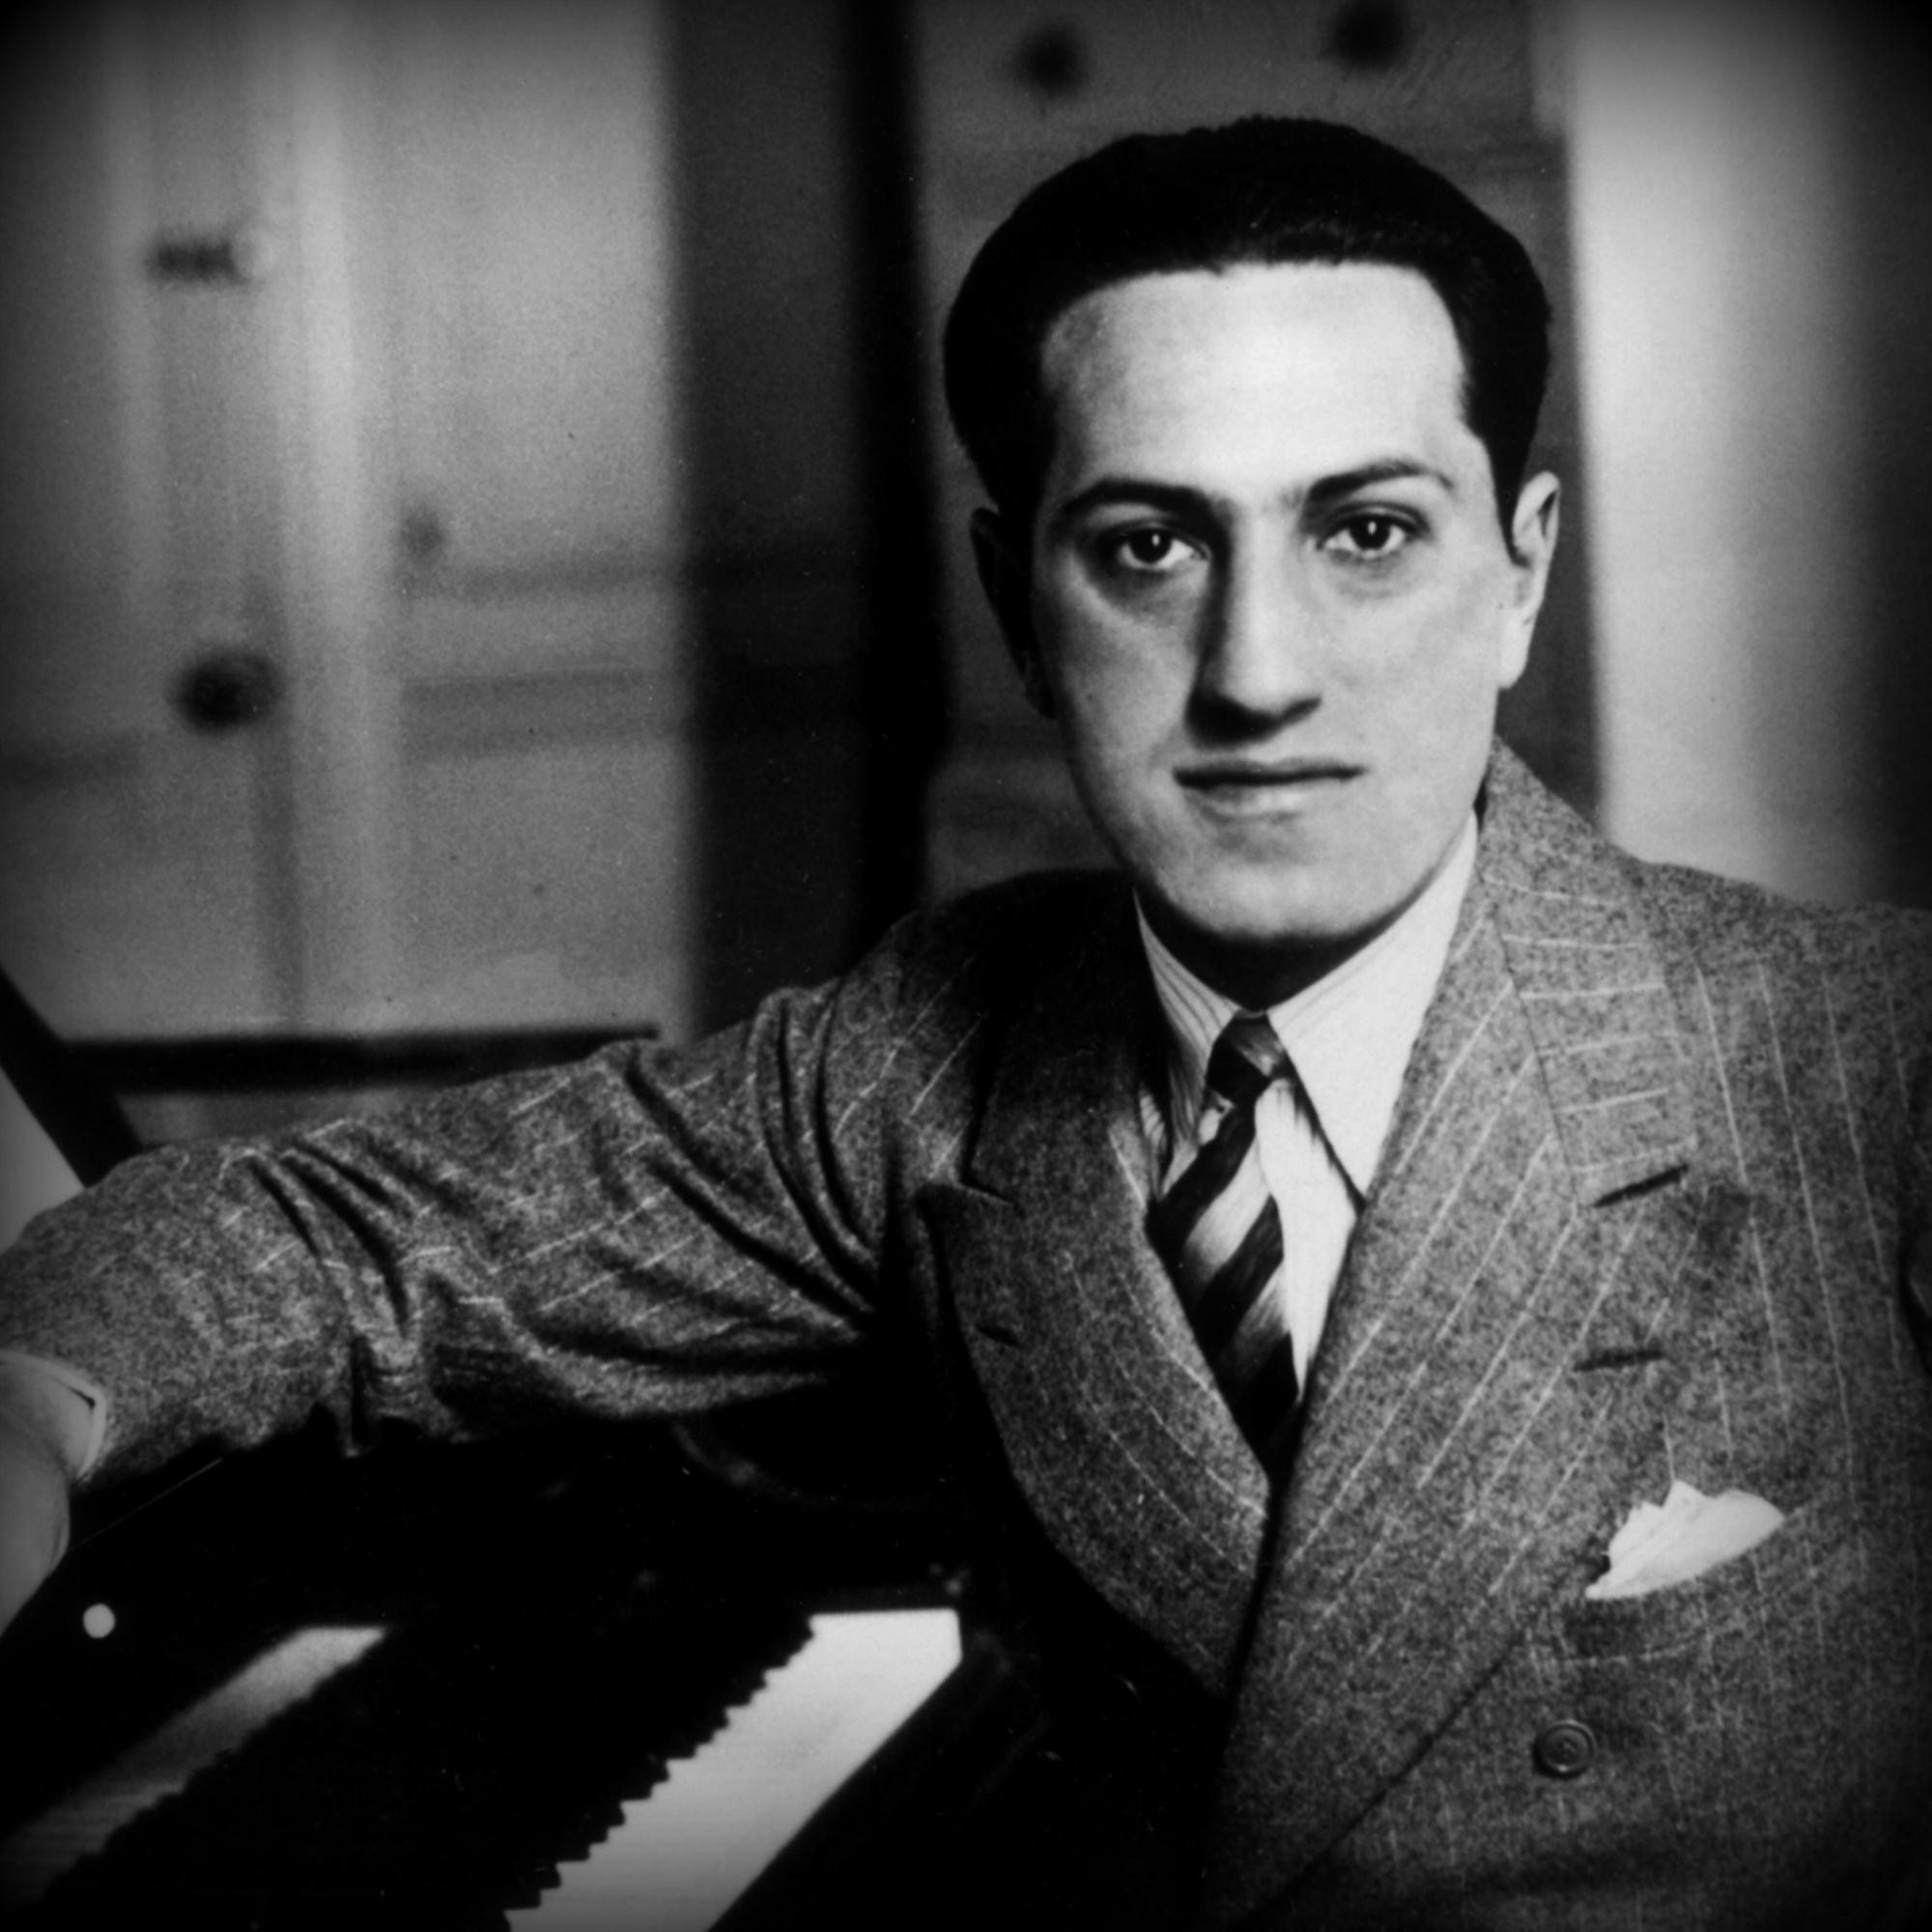 George Gershwin (1920-1929)